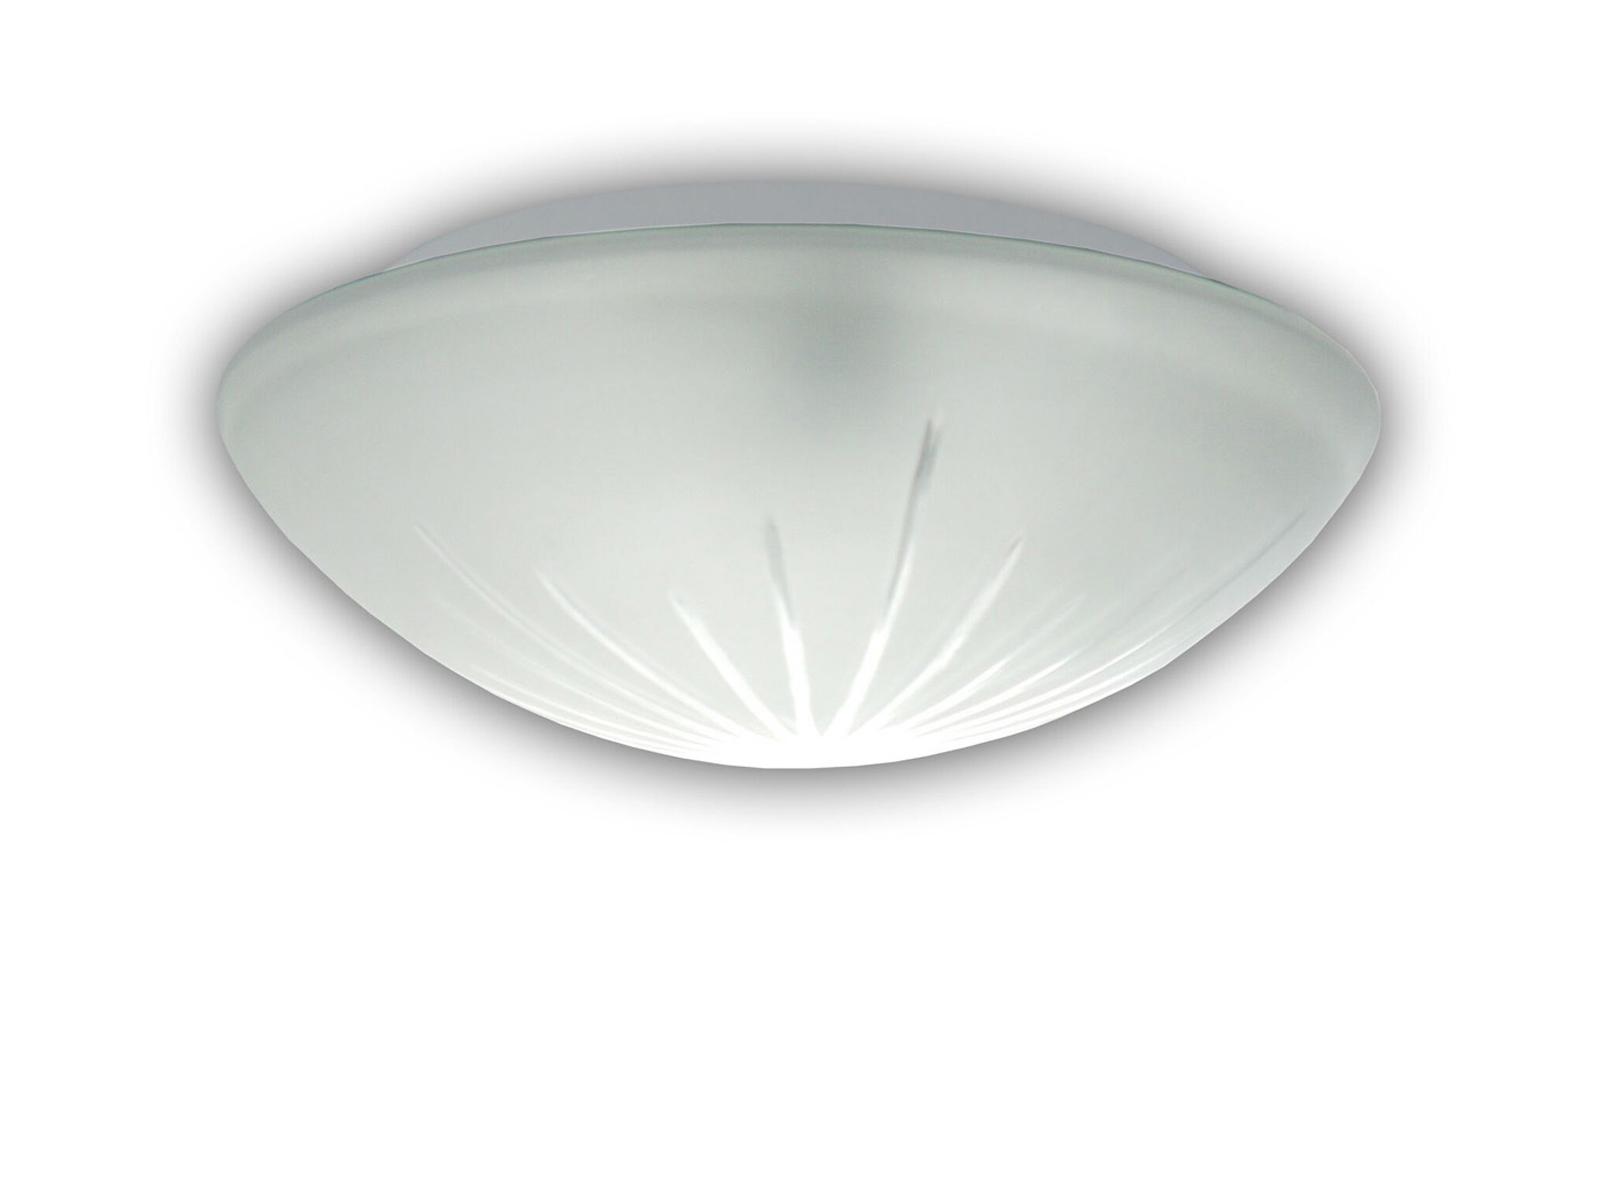 LED Glasleuchte SATINIERT mit Klarrand Ø 20cm Deckenlampe rund Glas Wandlampe